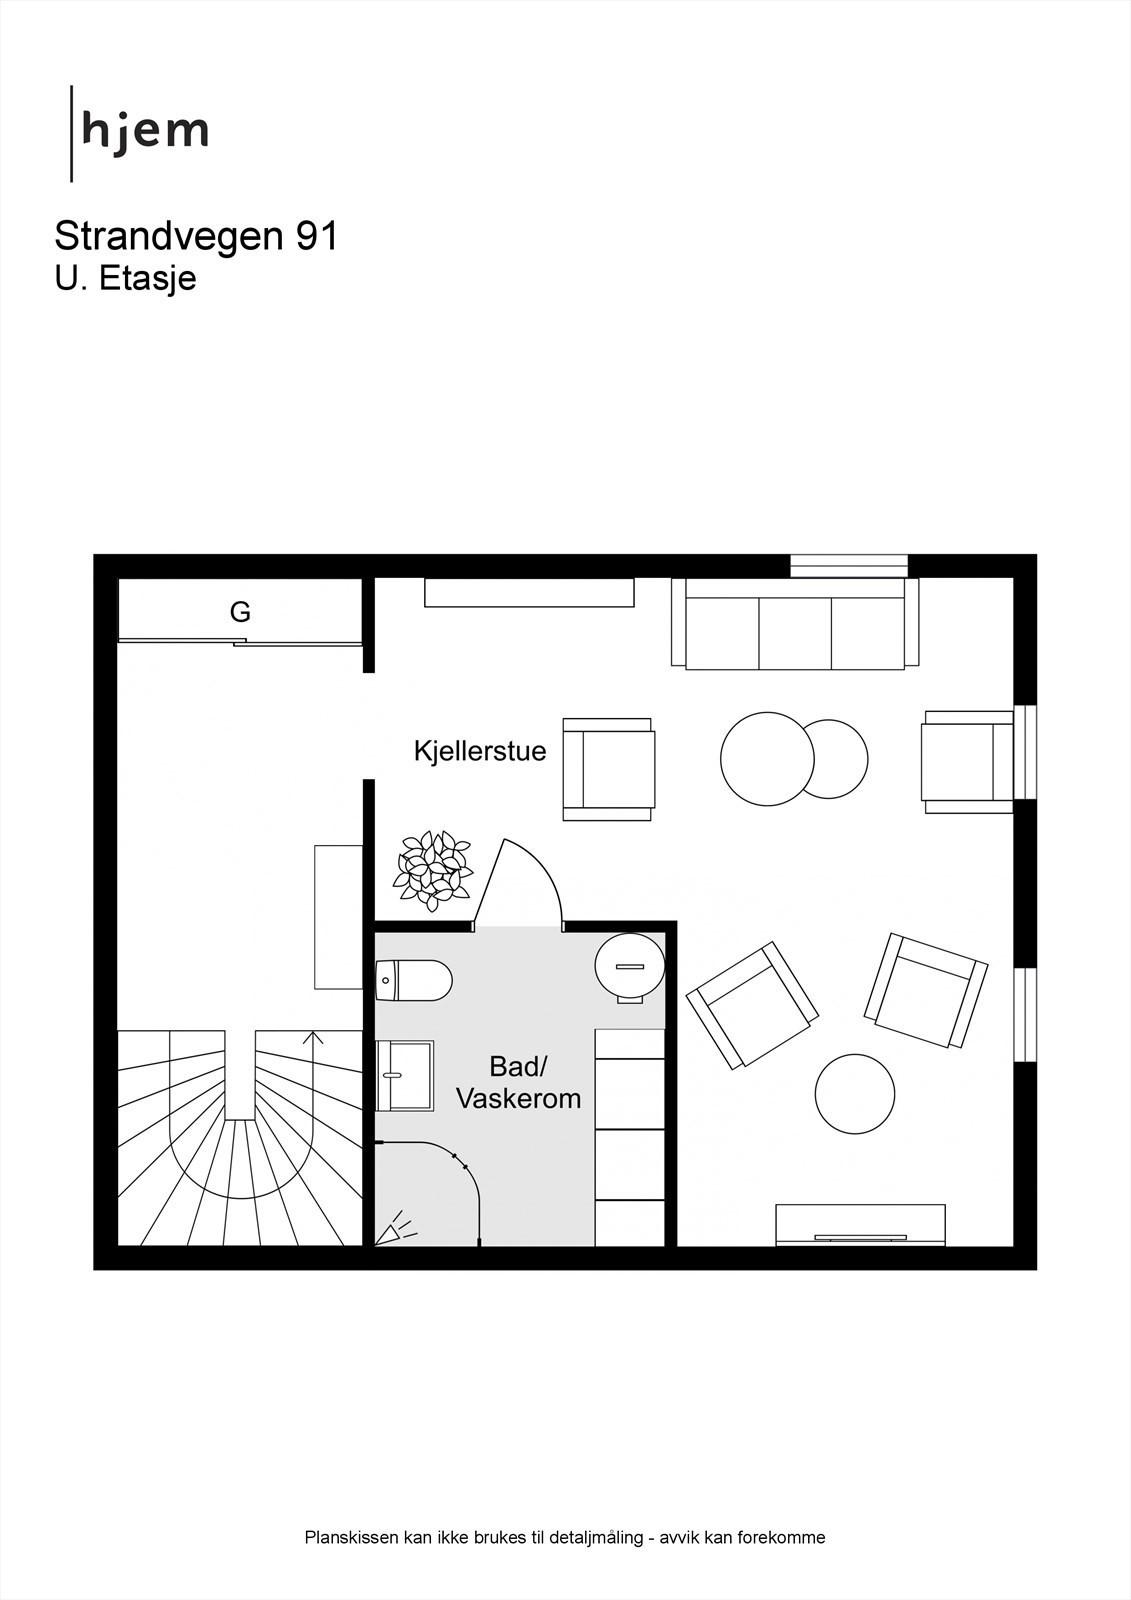 2D planillustrasjon av u. etasje.